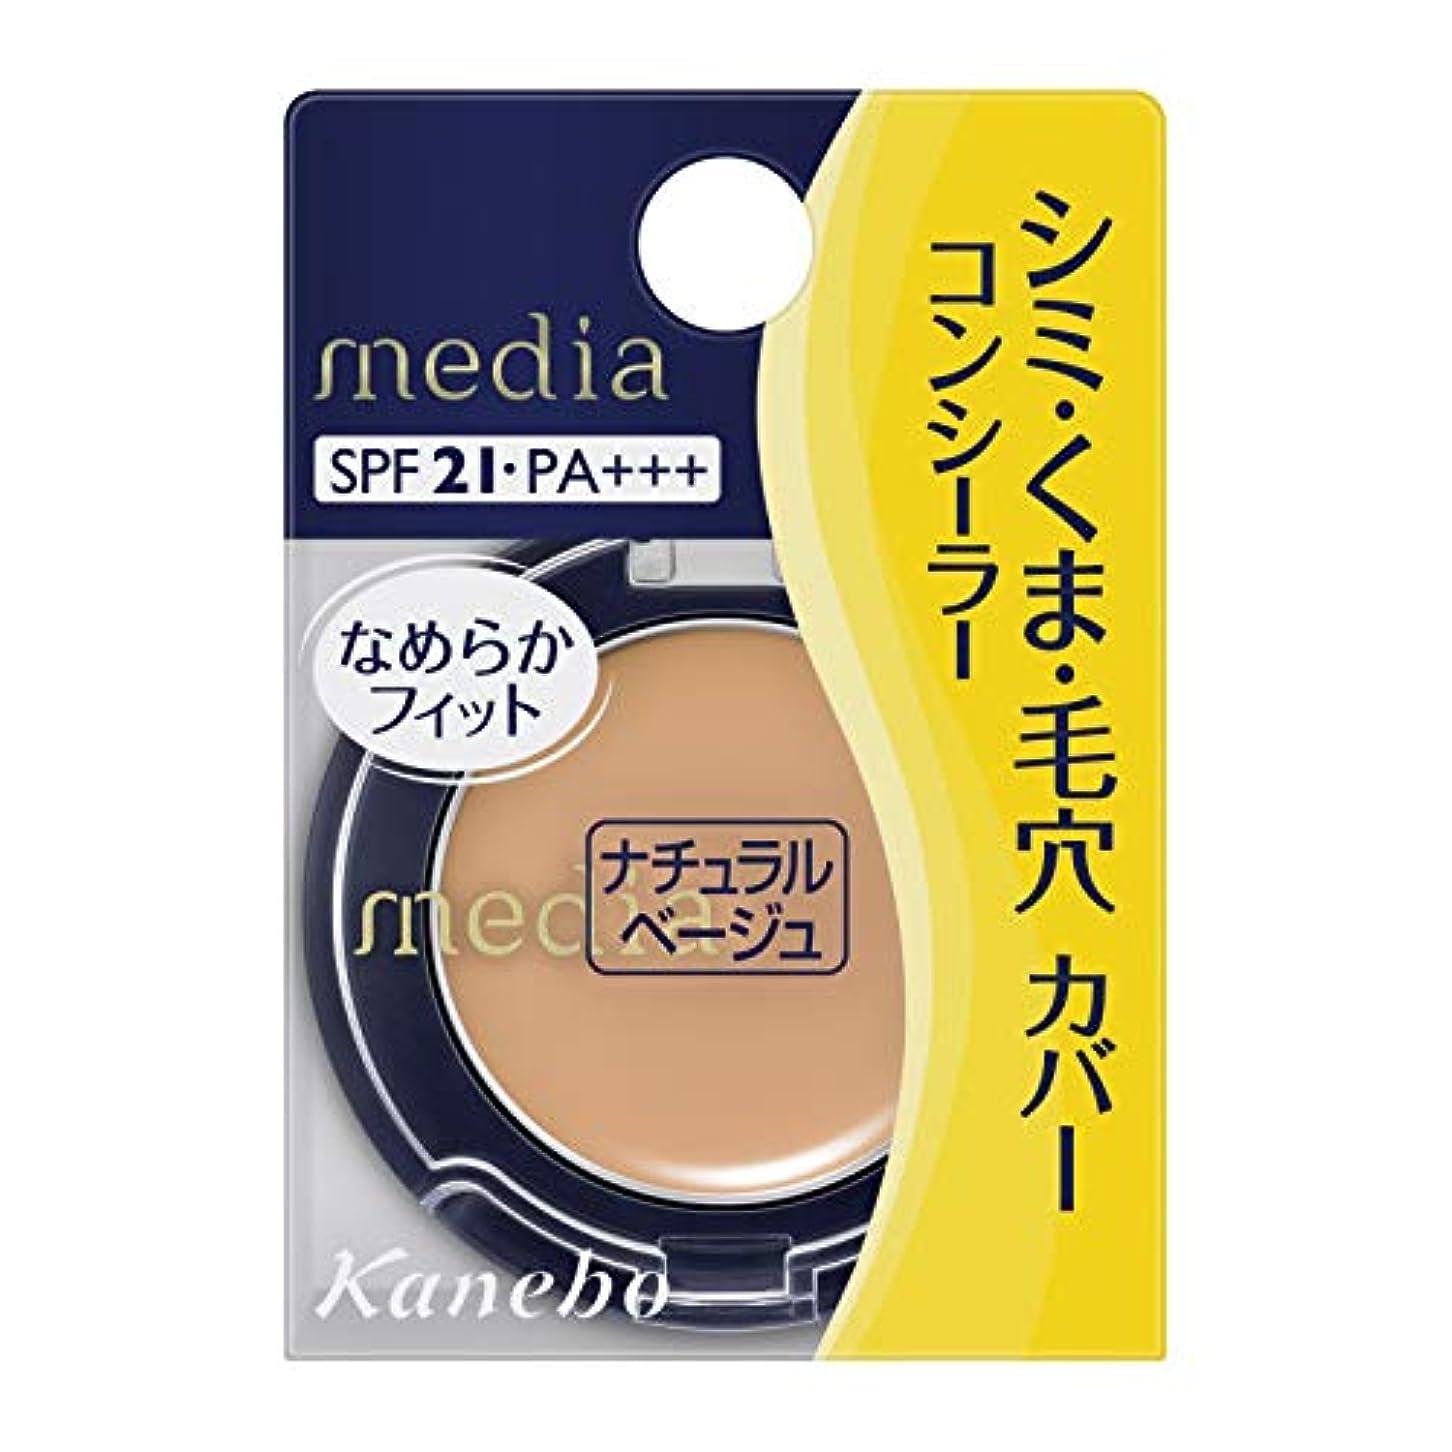 普遍的な繕うフォージカネボウ化粧品 メディア コンシーラー S ナチュラルベージュ 1.7g